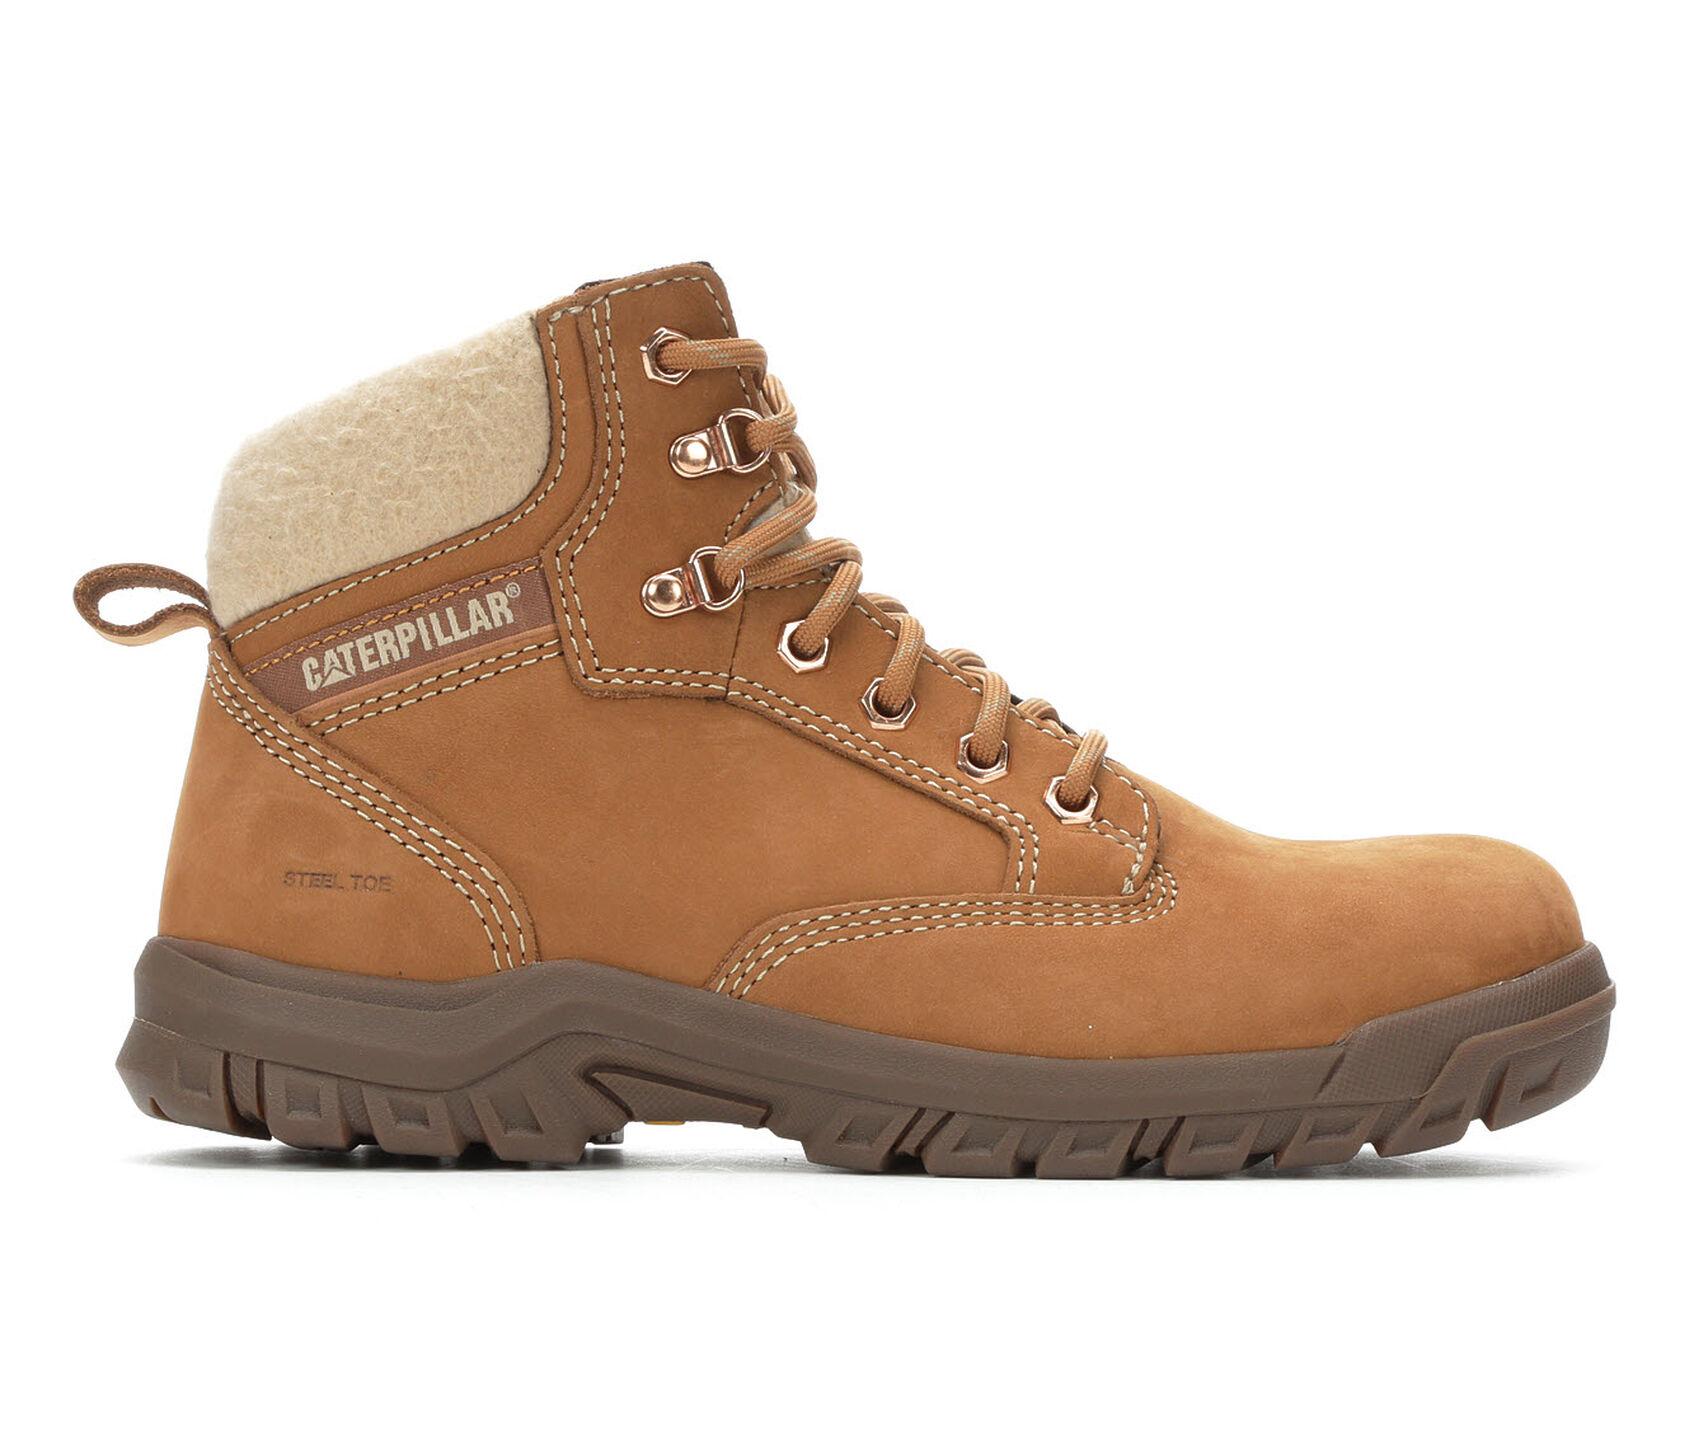 93b1d6004c81 Women's Caterpillar Tess 6in Steel Toe Work Shoes   Shoe Carnival